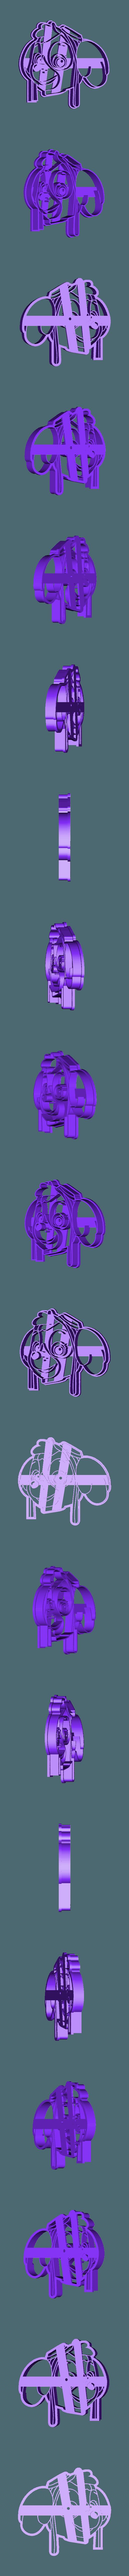 Skye.stl Télécharger fichier STL gratuit Pack patrouille de patrouilles x 5 + logo - Coupe-cookie • Design imprimable en 3D, Taladrodesing